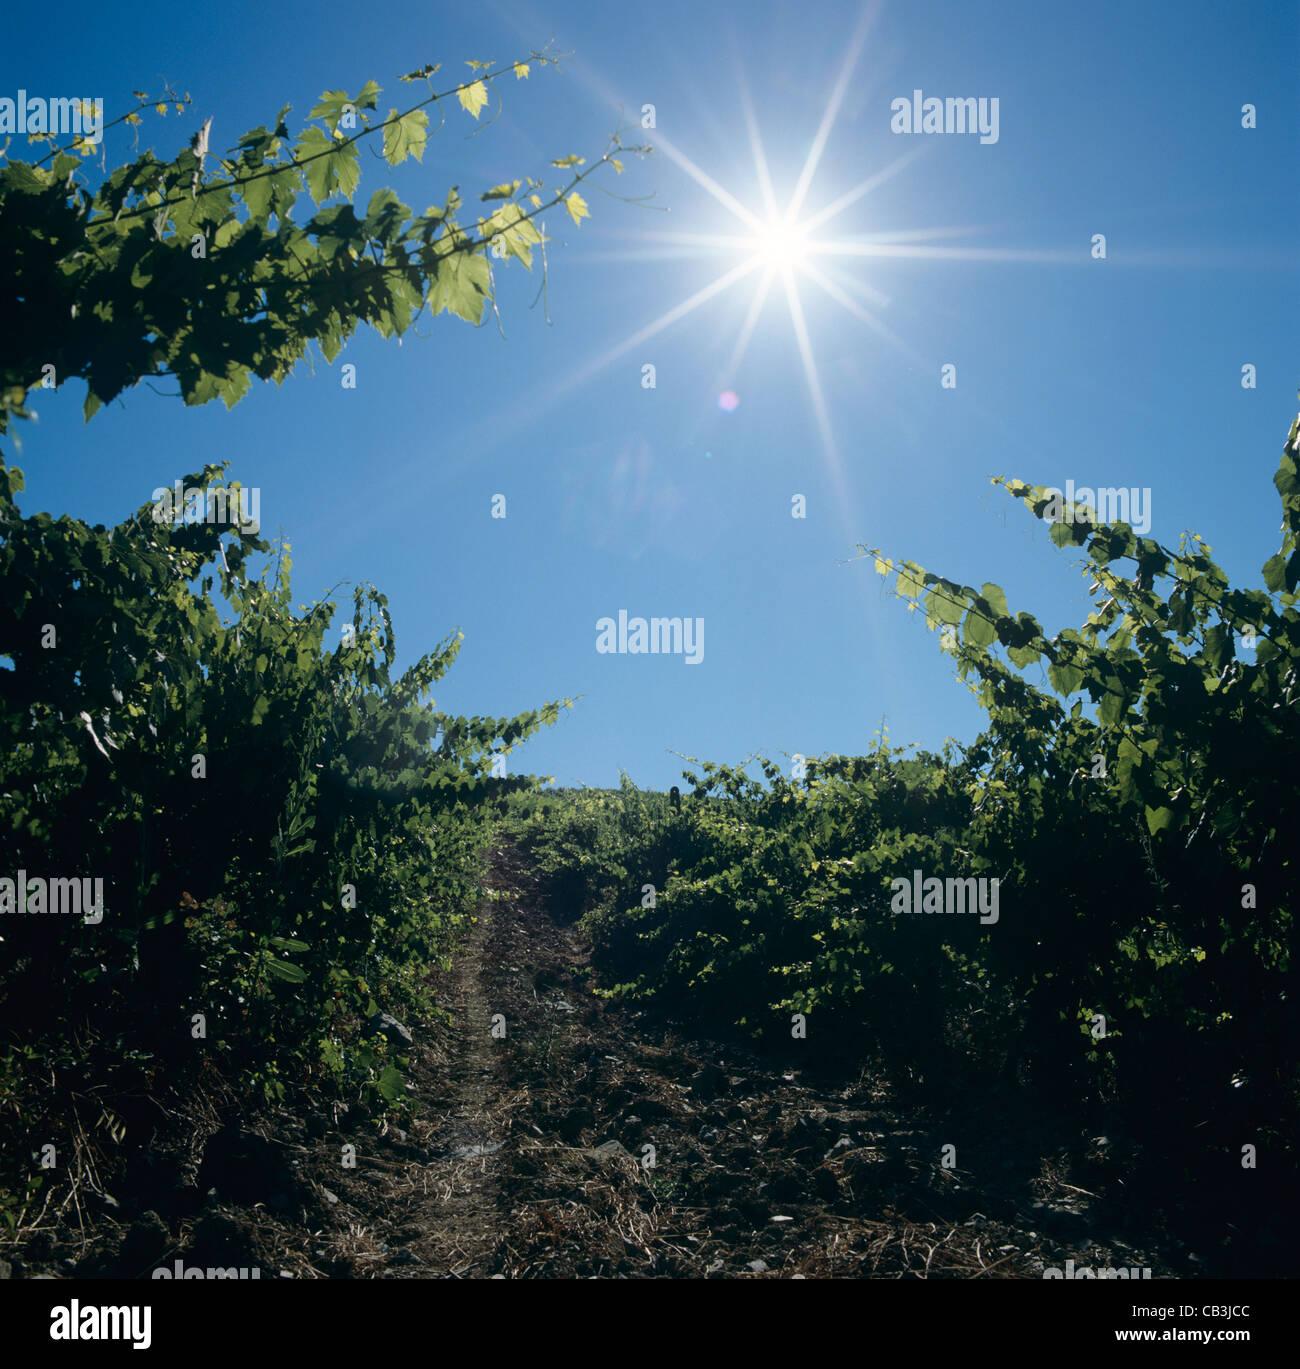 Blick in die aufgehende Sonne in einem Chianti-Weingut in der Nähe von Siena, Toskana, Italien Stockbild